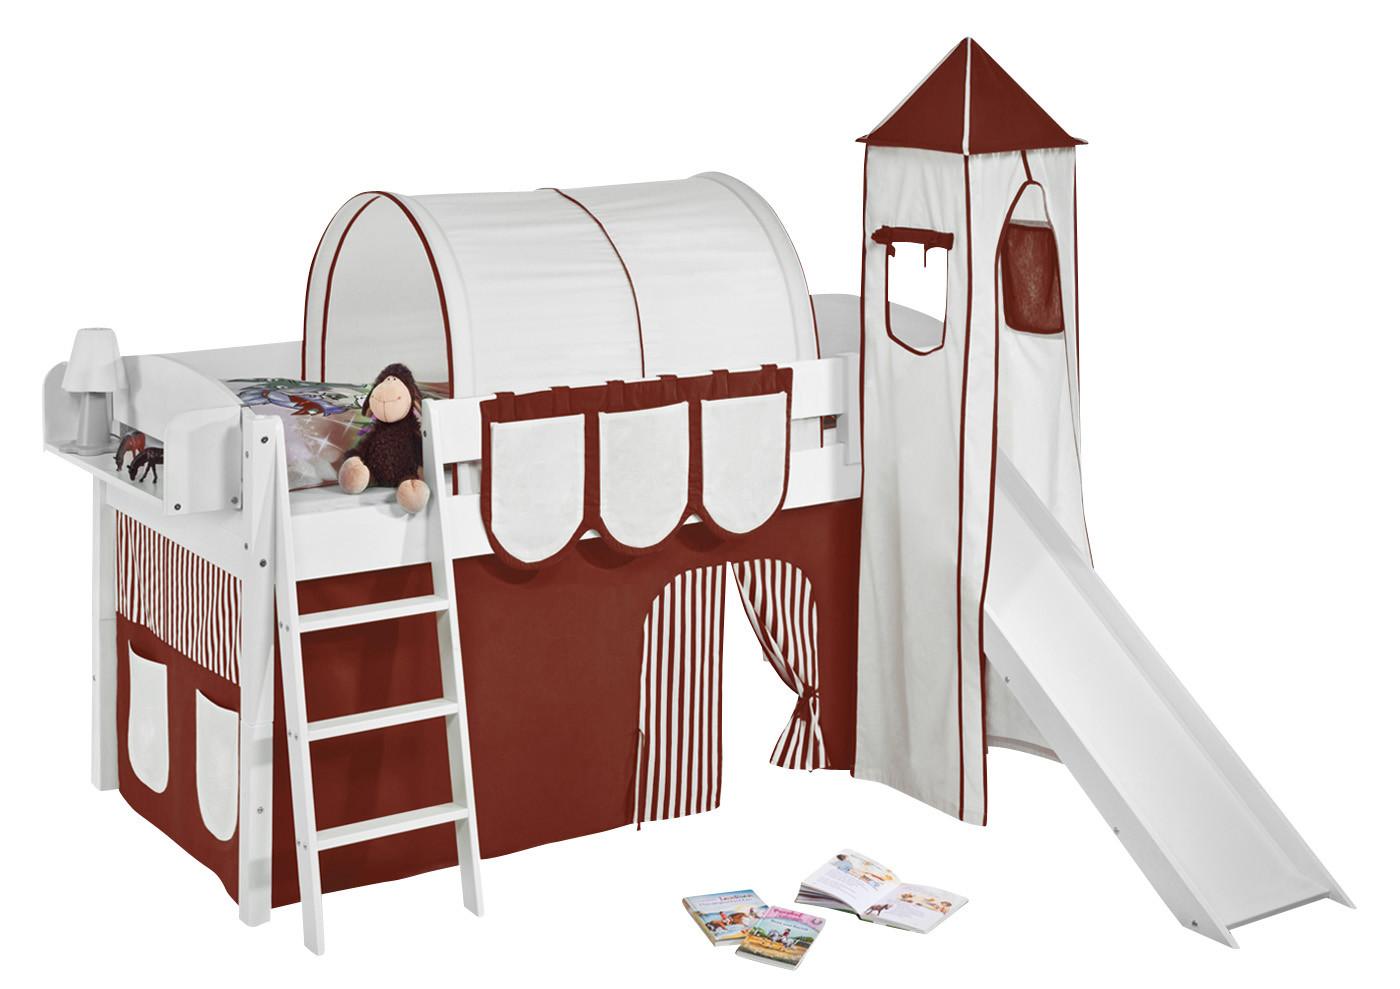 spielbett mit rutsche kinderbetten zubeh r online. Black Bedroom Furniture Sets. Home Design Ideas